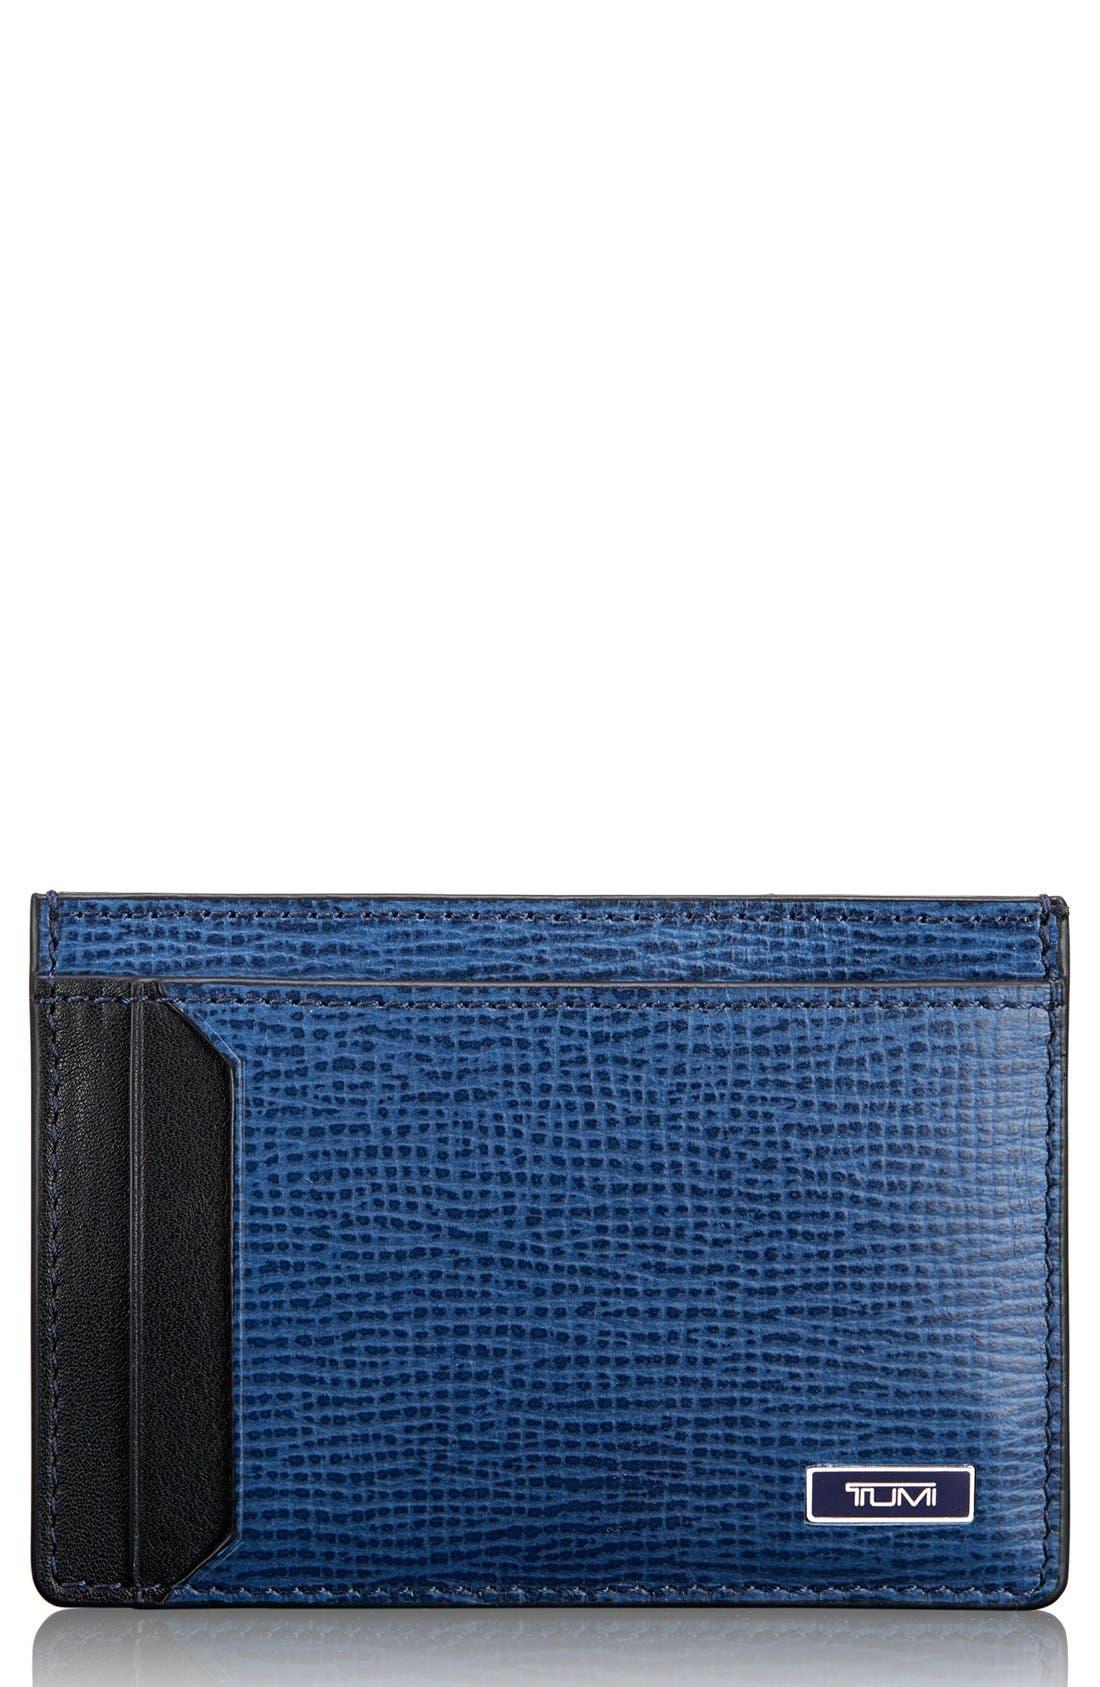 TUMI Monaco Leather Money Clip Card Case